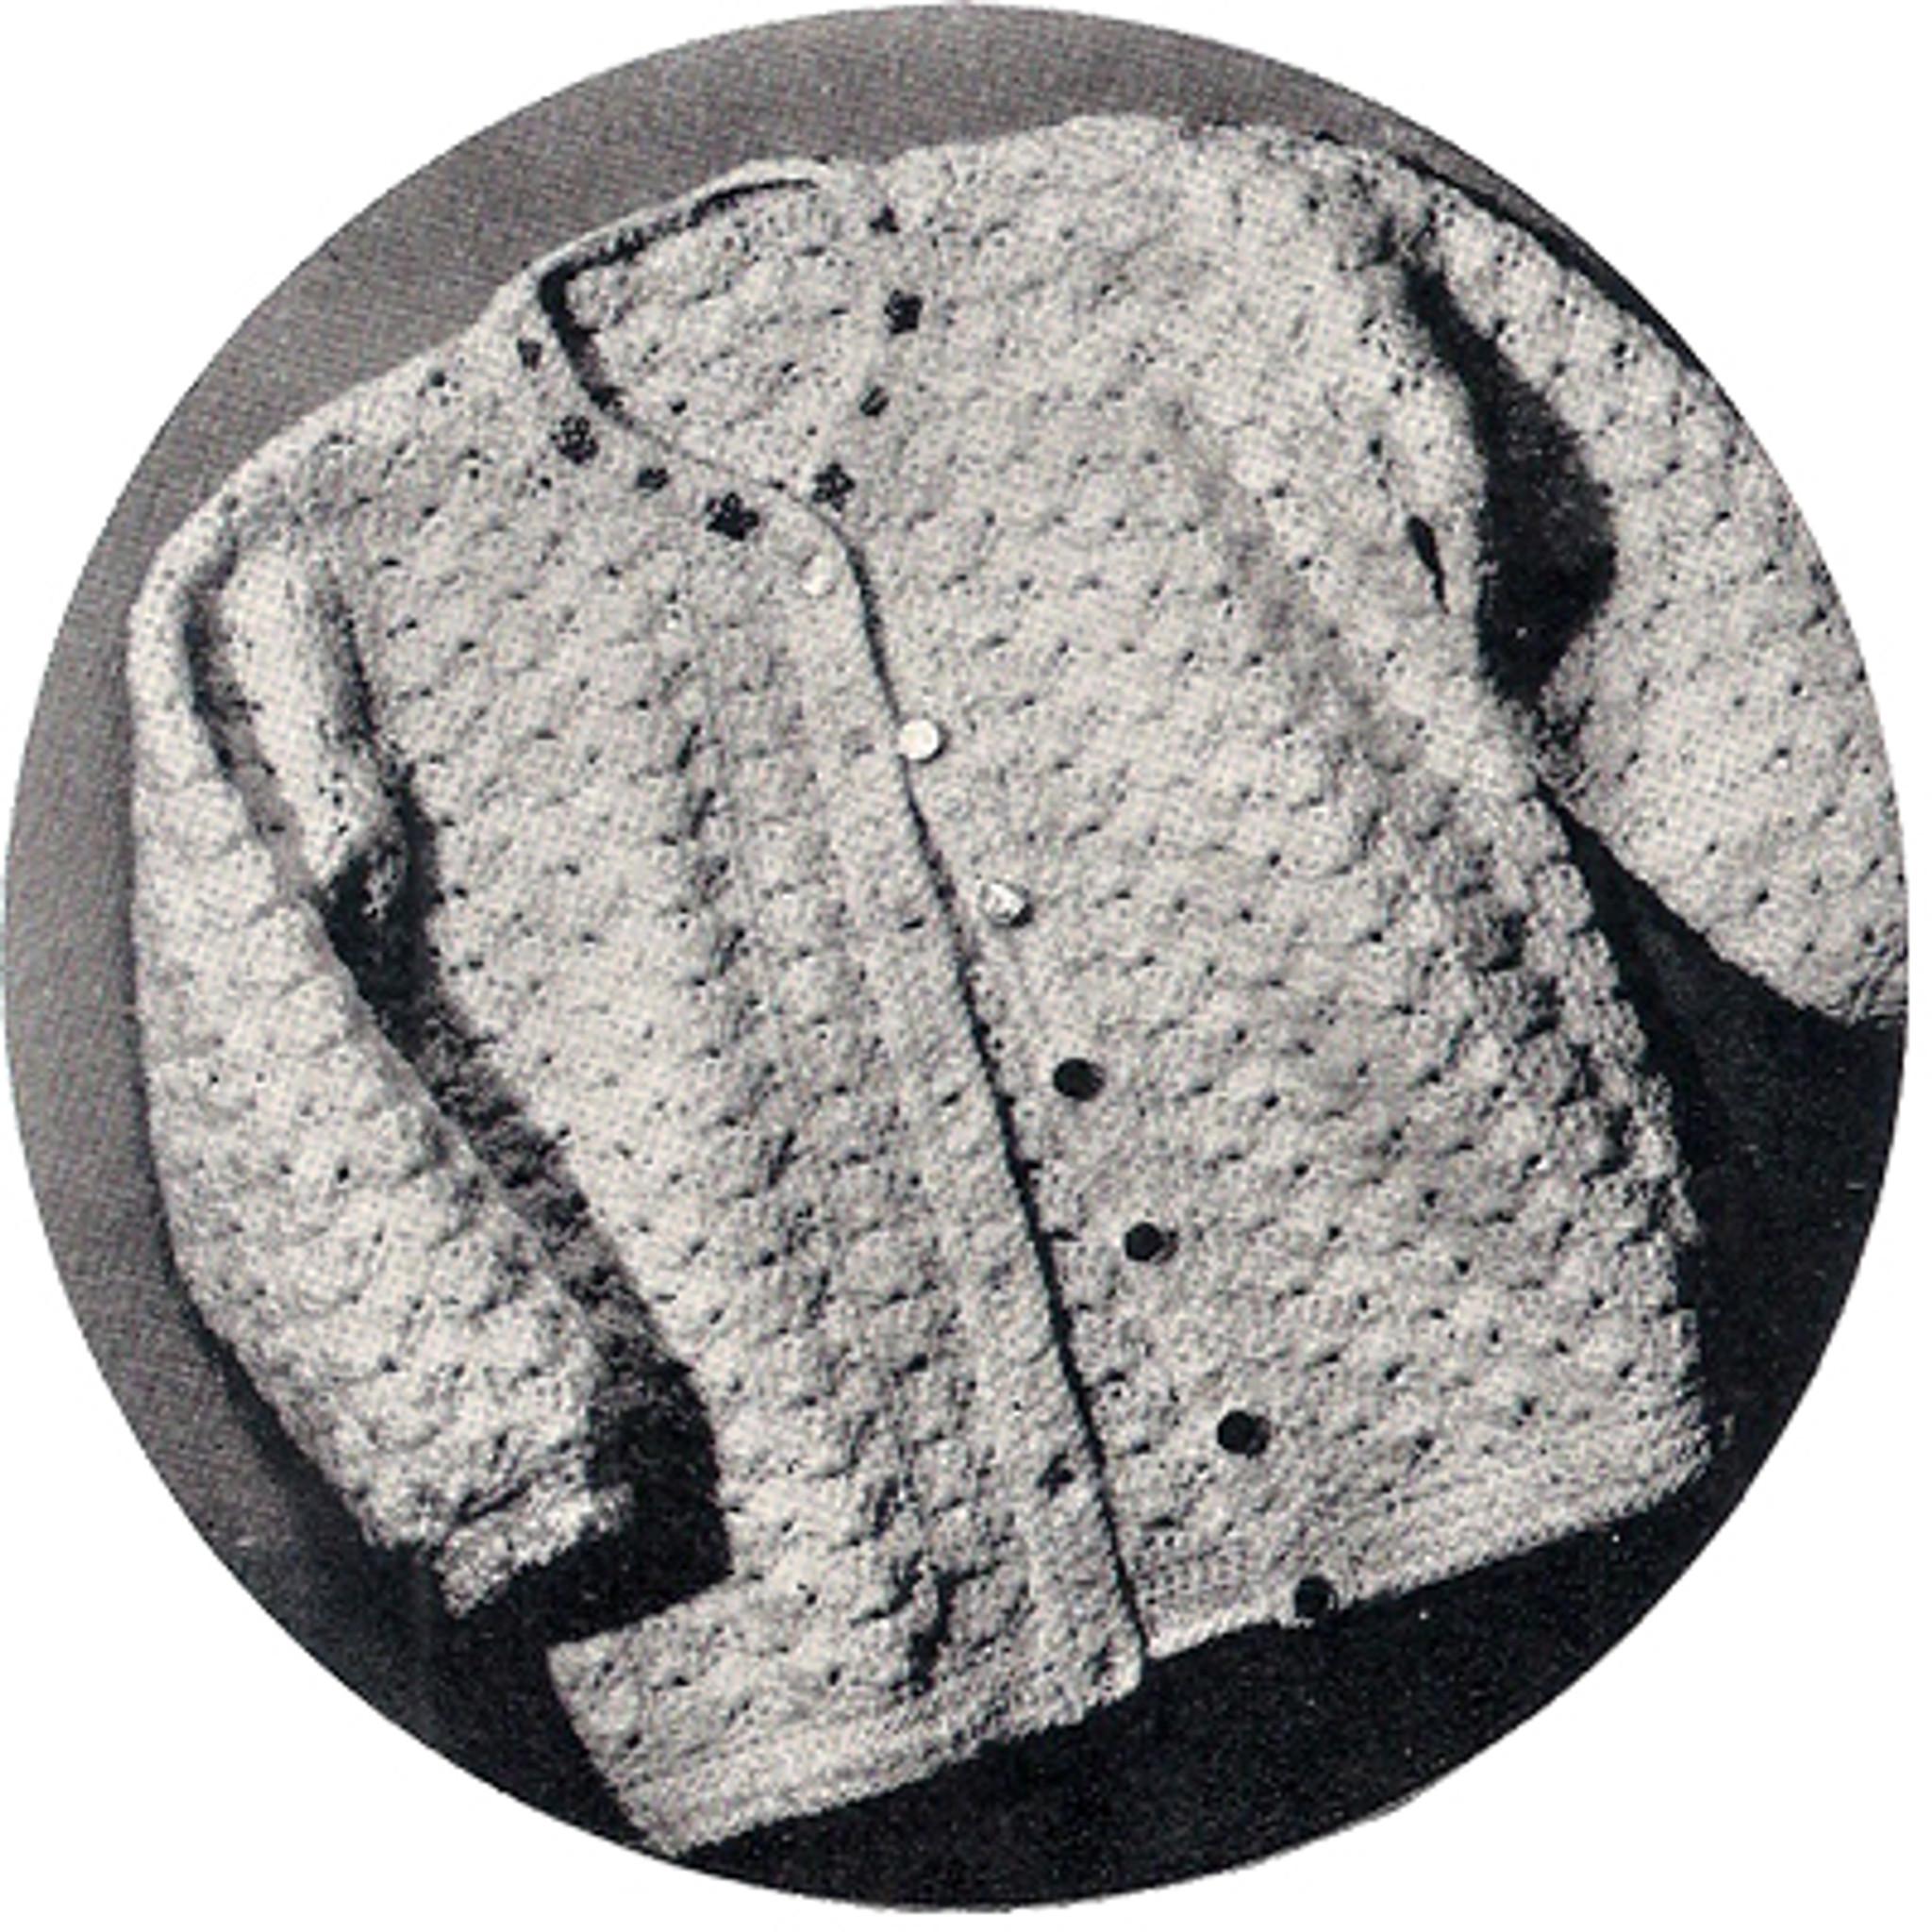 ead3f704713 ... Little Girls 3T in Shell Stitch · Toddler Crochet Jacket Pattern ...